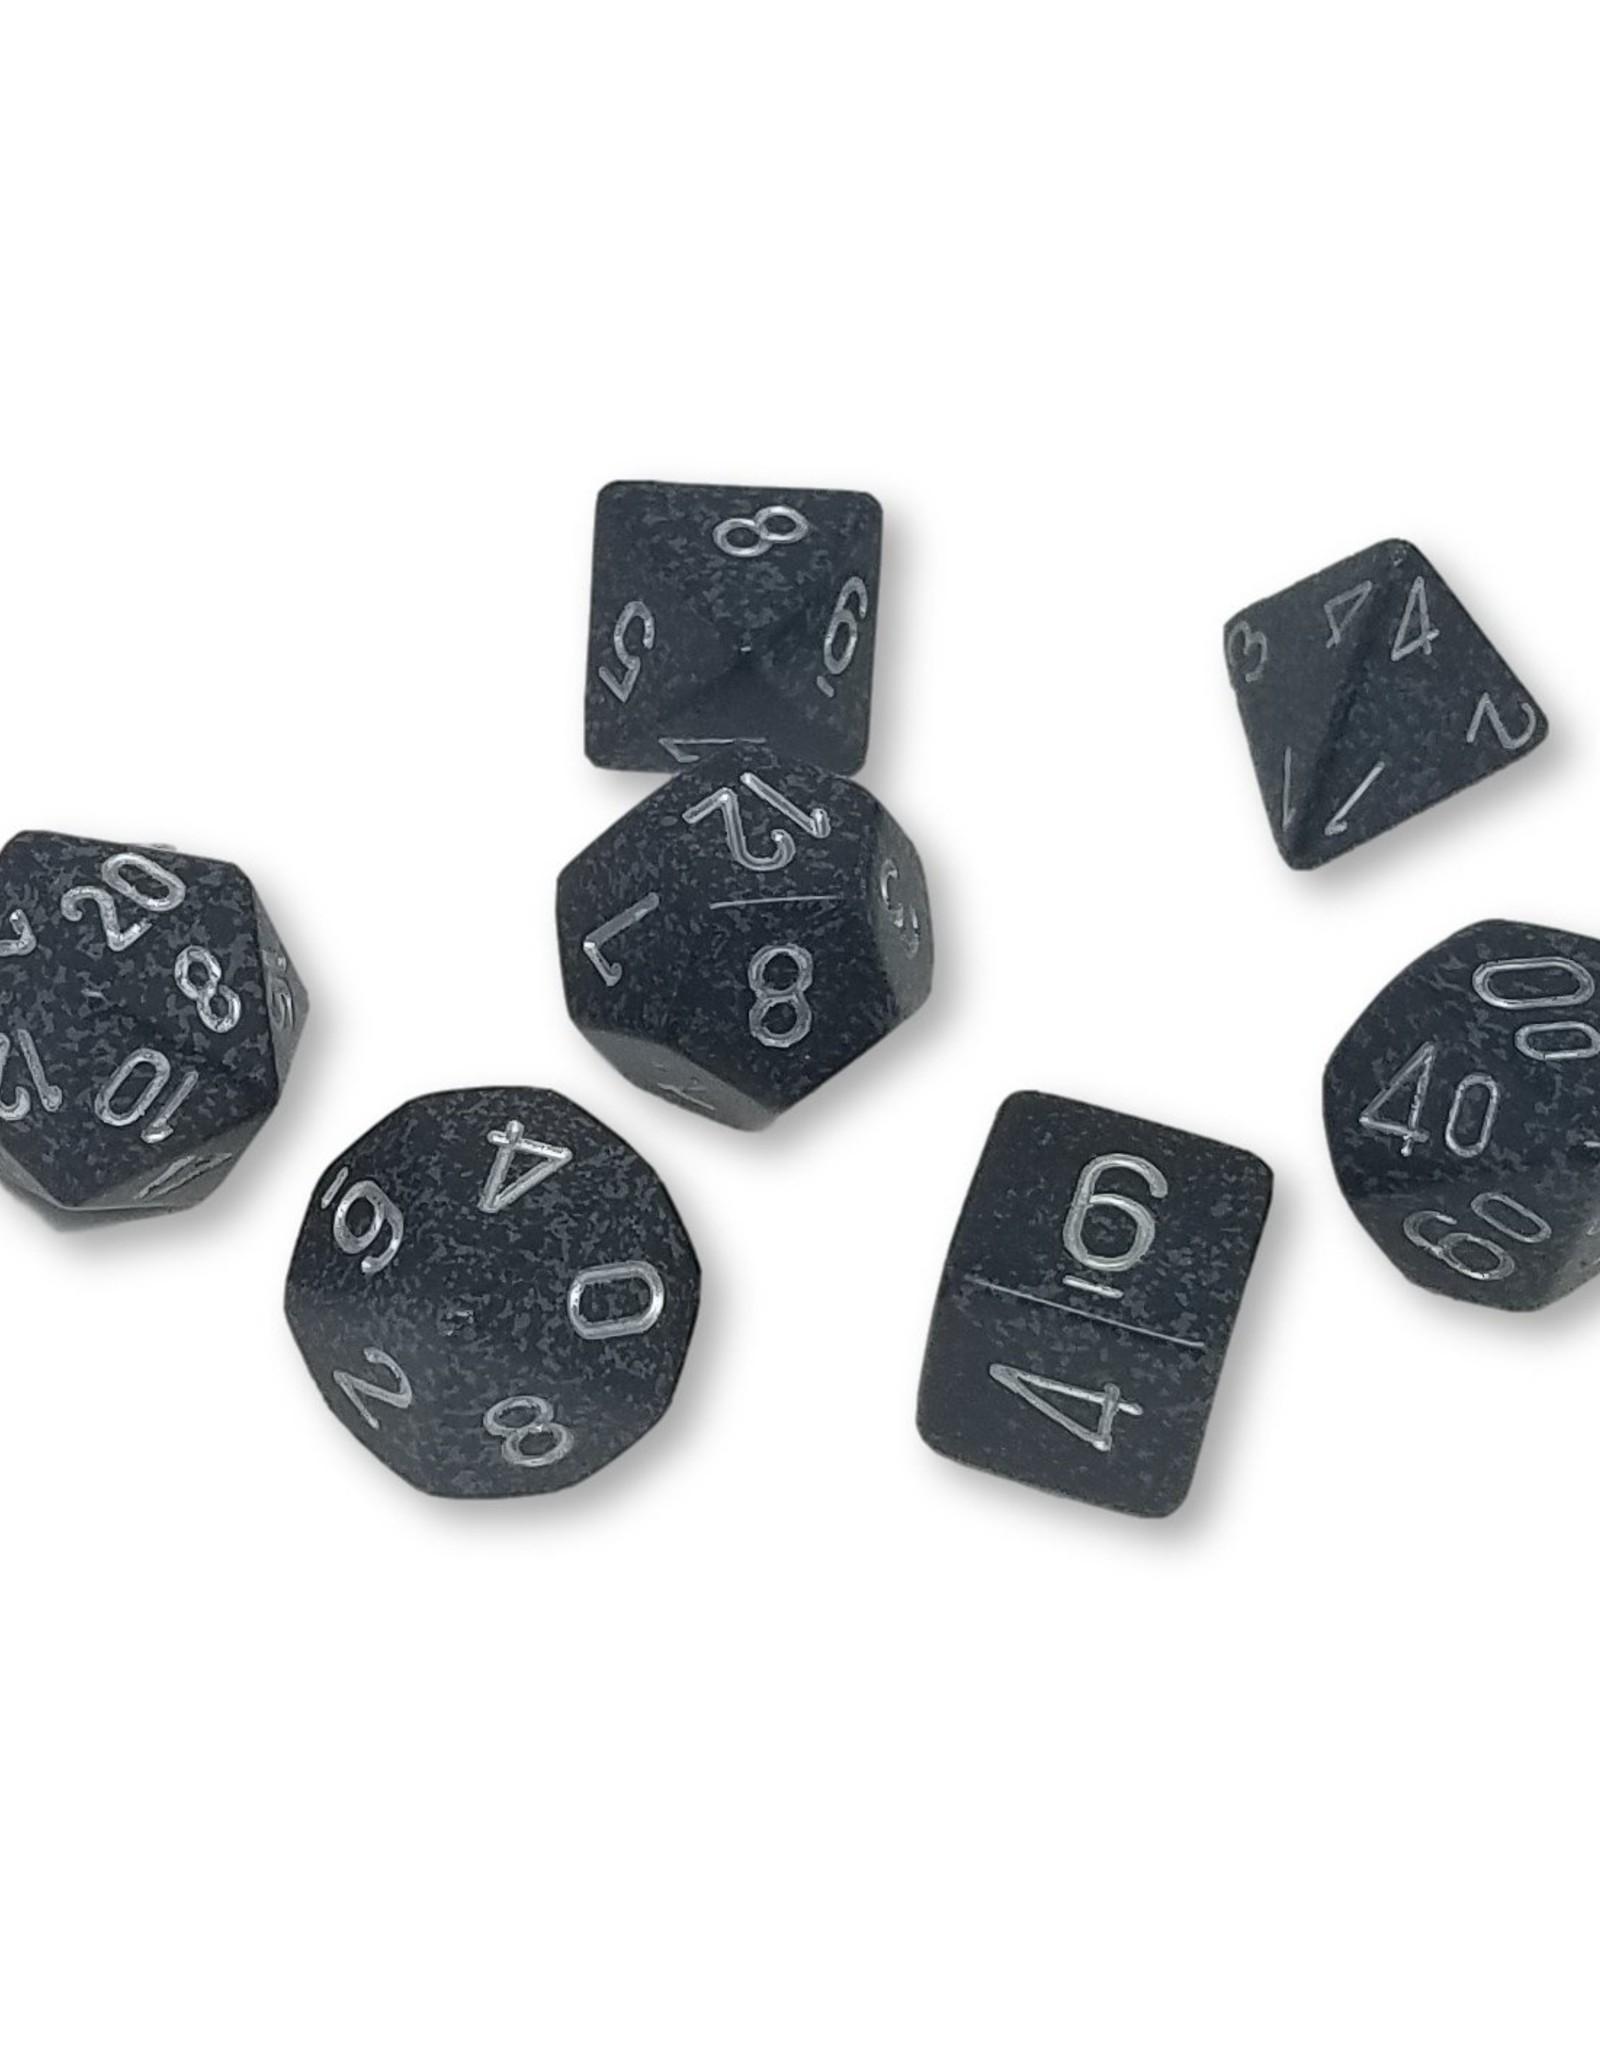 Chessex Chessex 7-Die set Speckled - Ninja